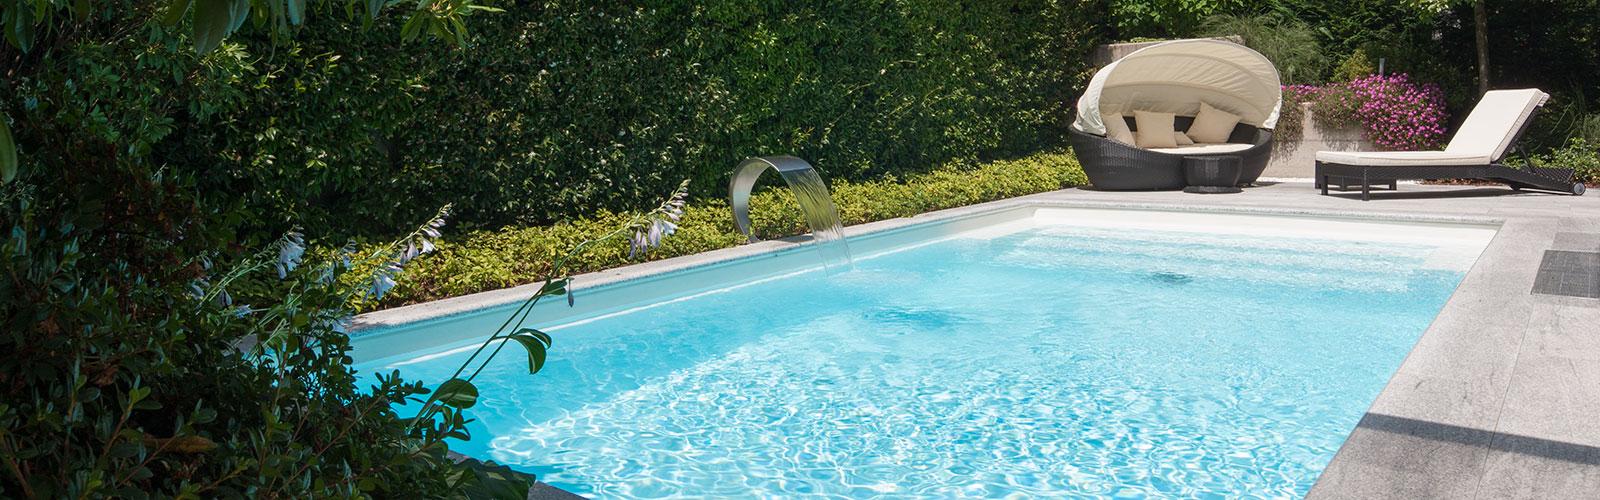 Piscine Interrate Prezzi Tutto Compreso casapool, piscine - spa e idromassaggi, saune e cabine